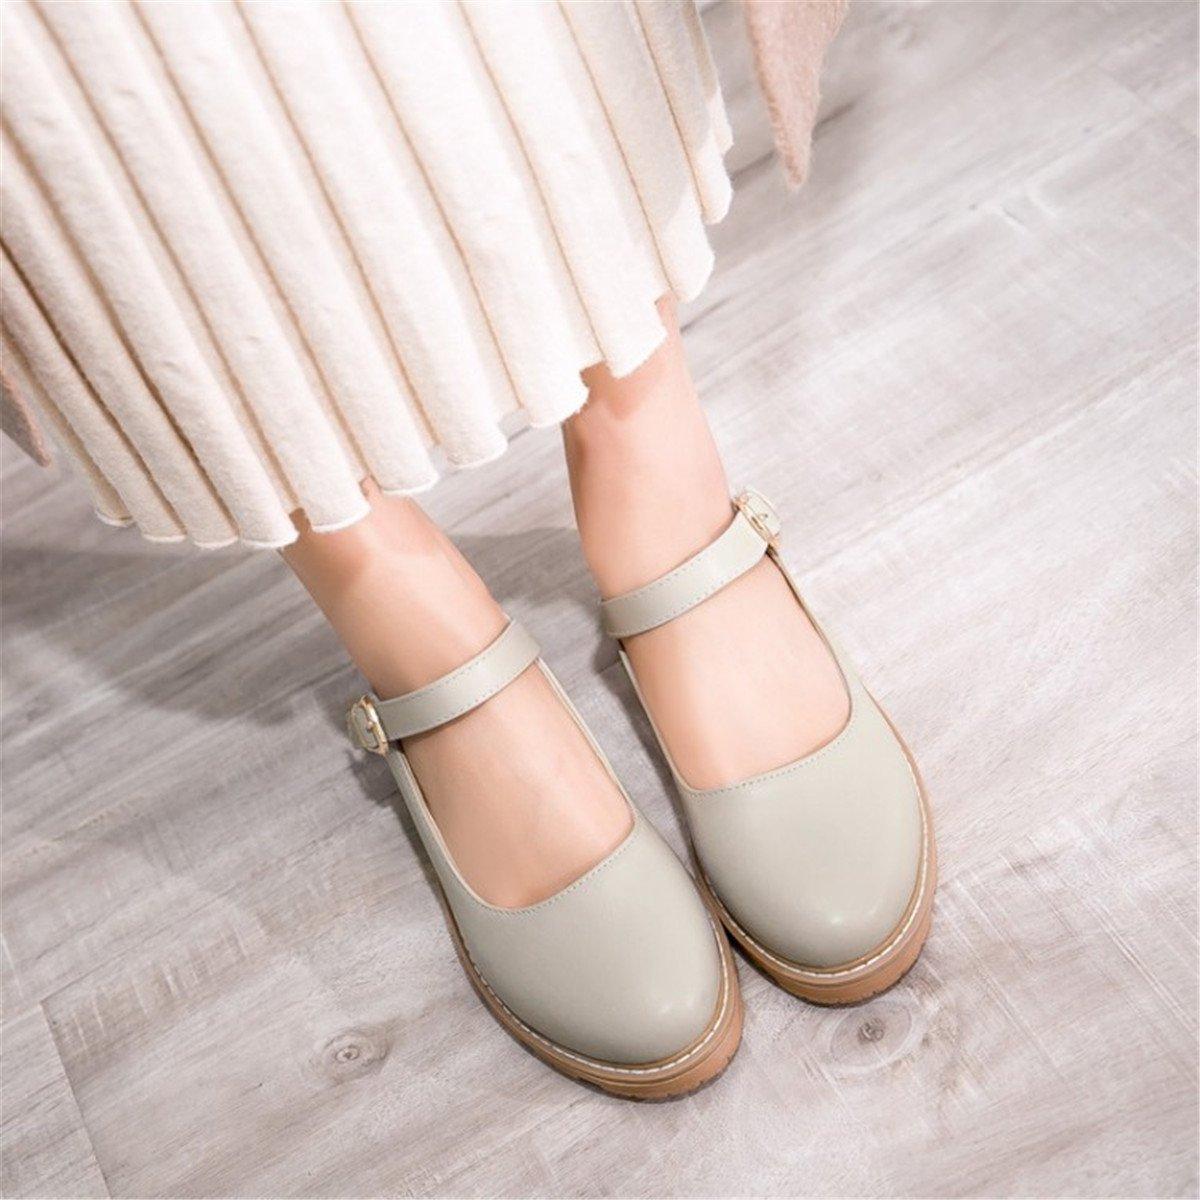 Damens's Schuhes Comfort Schuhes Sandales Walking Schuhes Comfort | Damen Sandalen | Sandalette Präsident retro einzelne Schuhe | Frauen Schuhe mit hohen Absätzen und Sandalen. gray c609b4